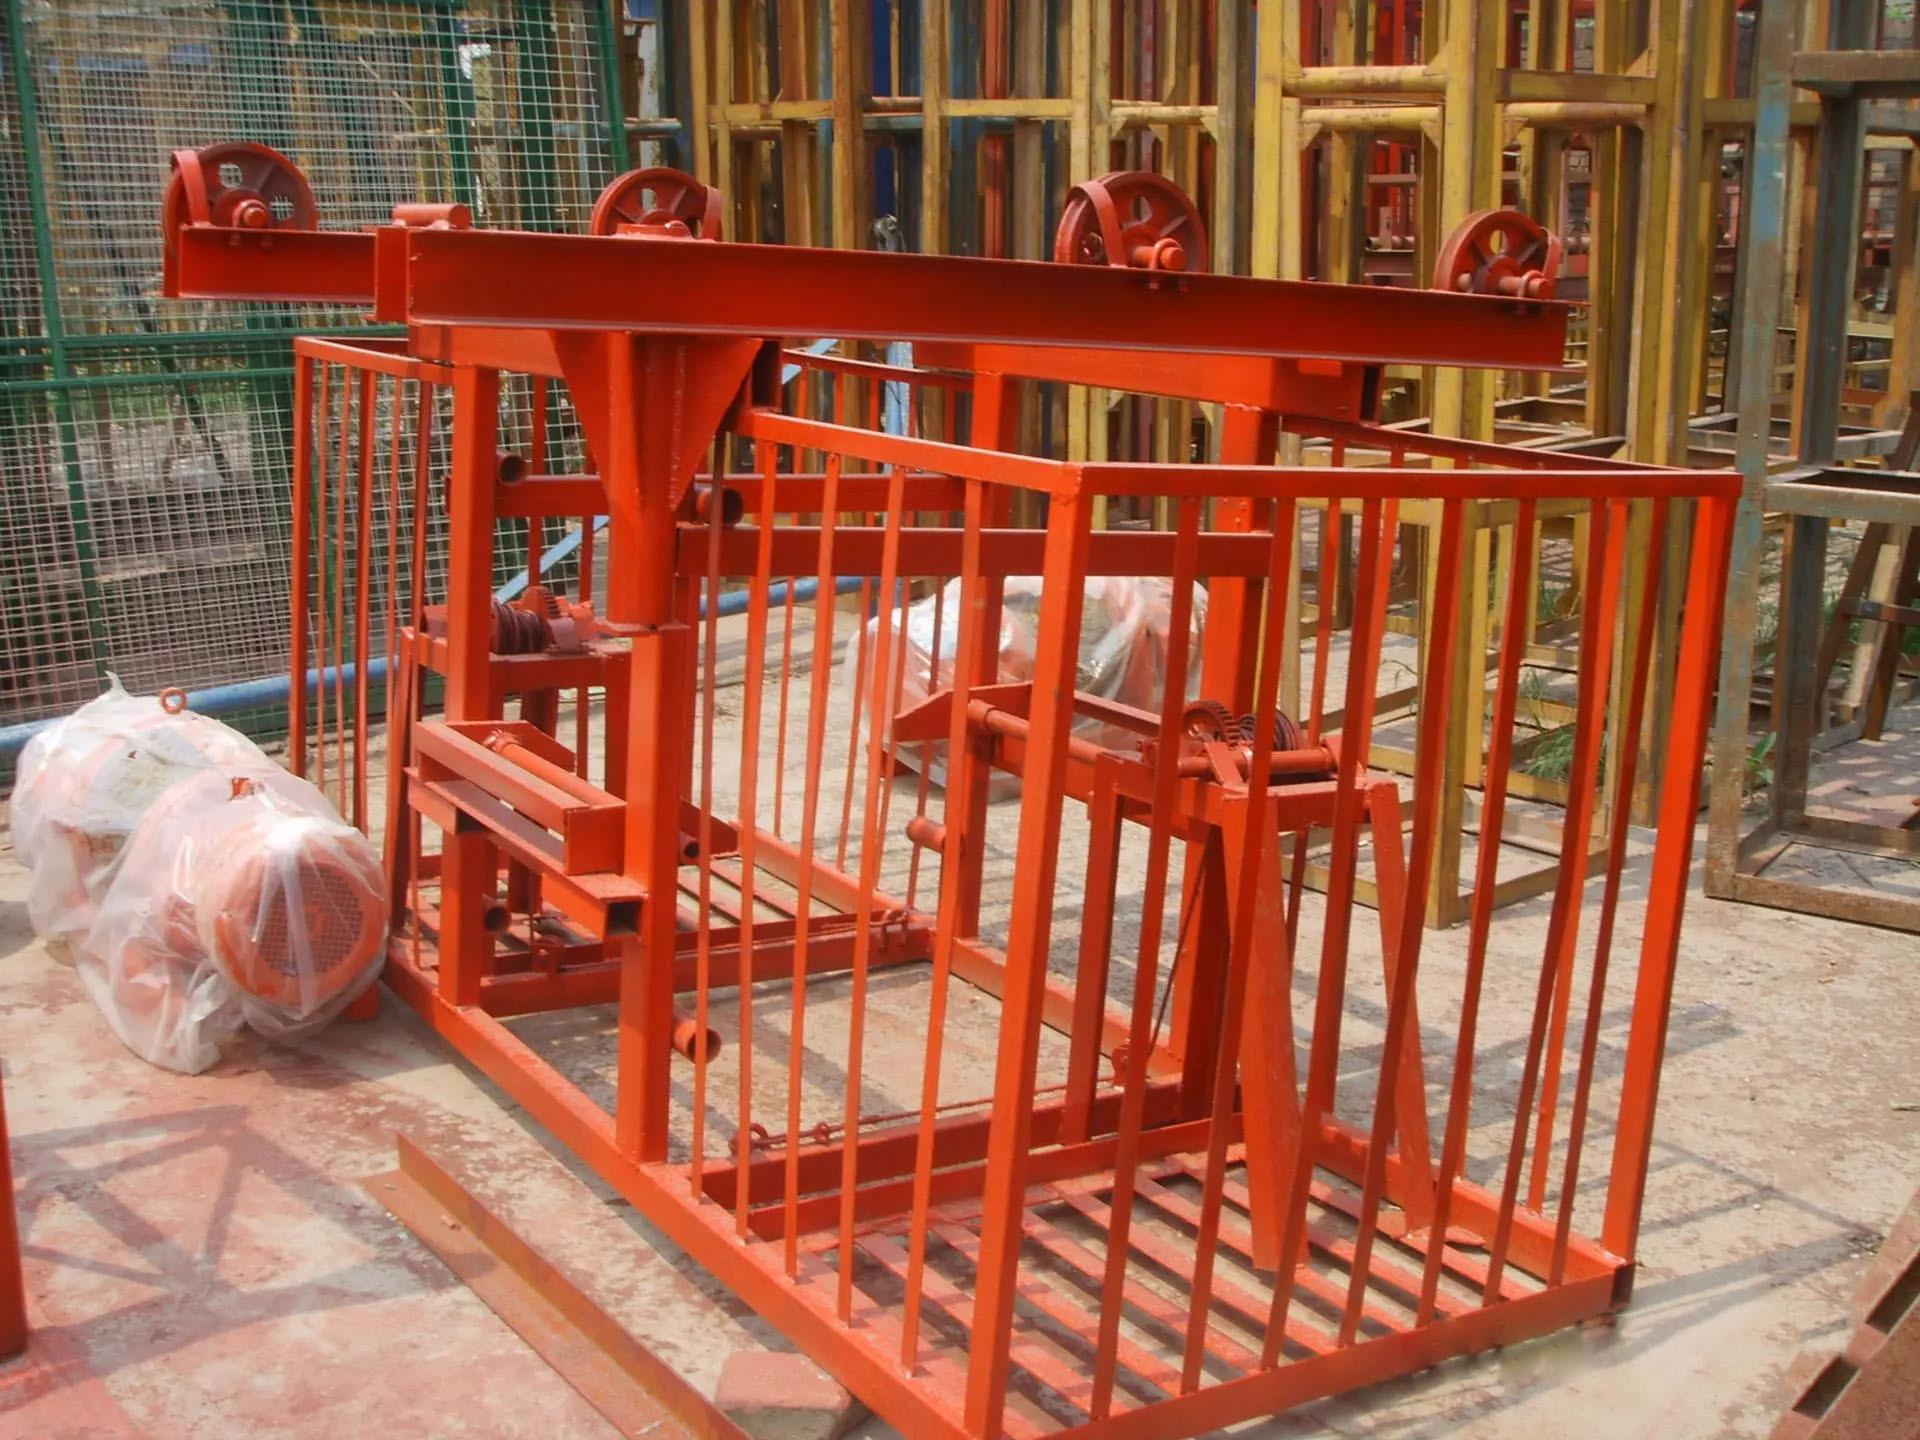 标准节定制 施工升降机批发建筑物料提升机ss8080-80标准节厂家示例图10